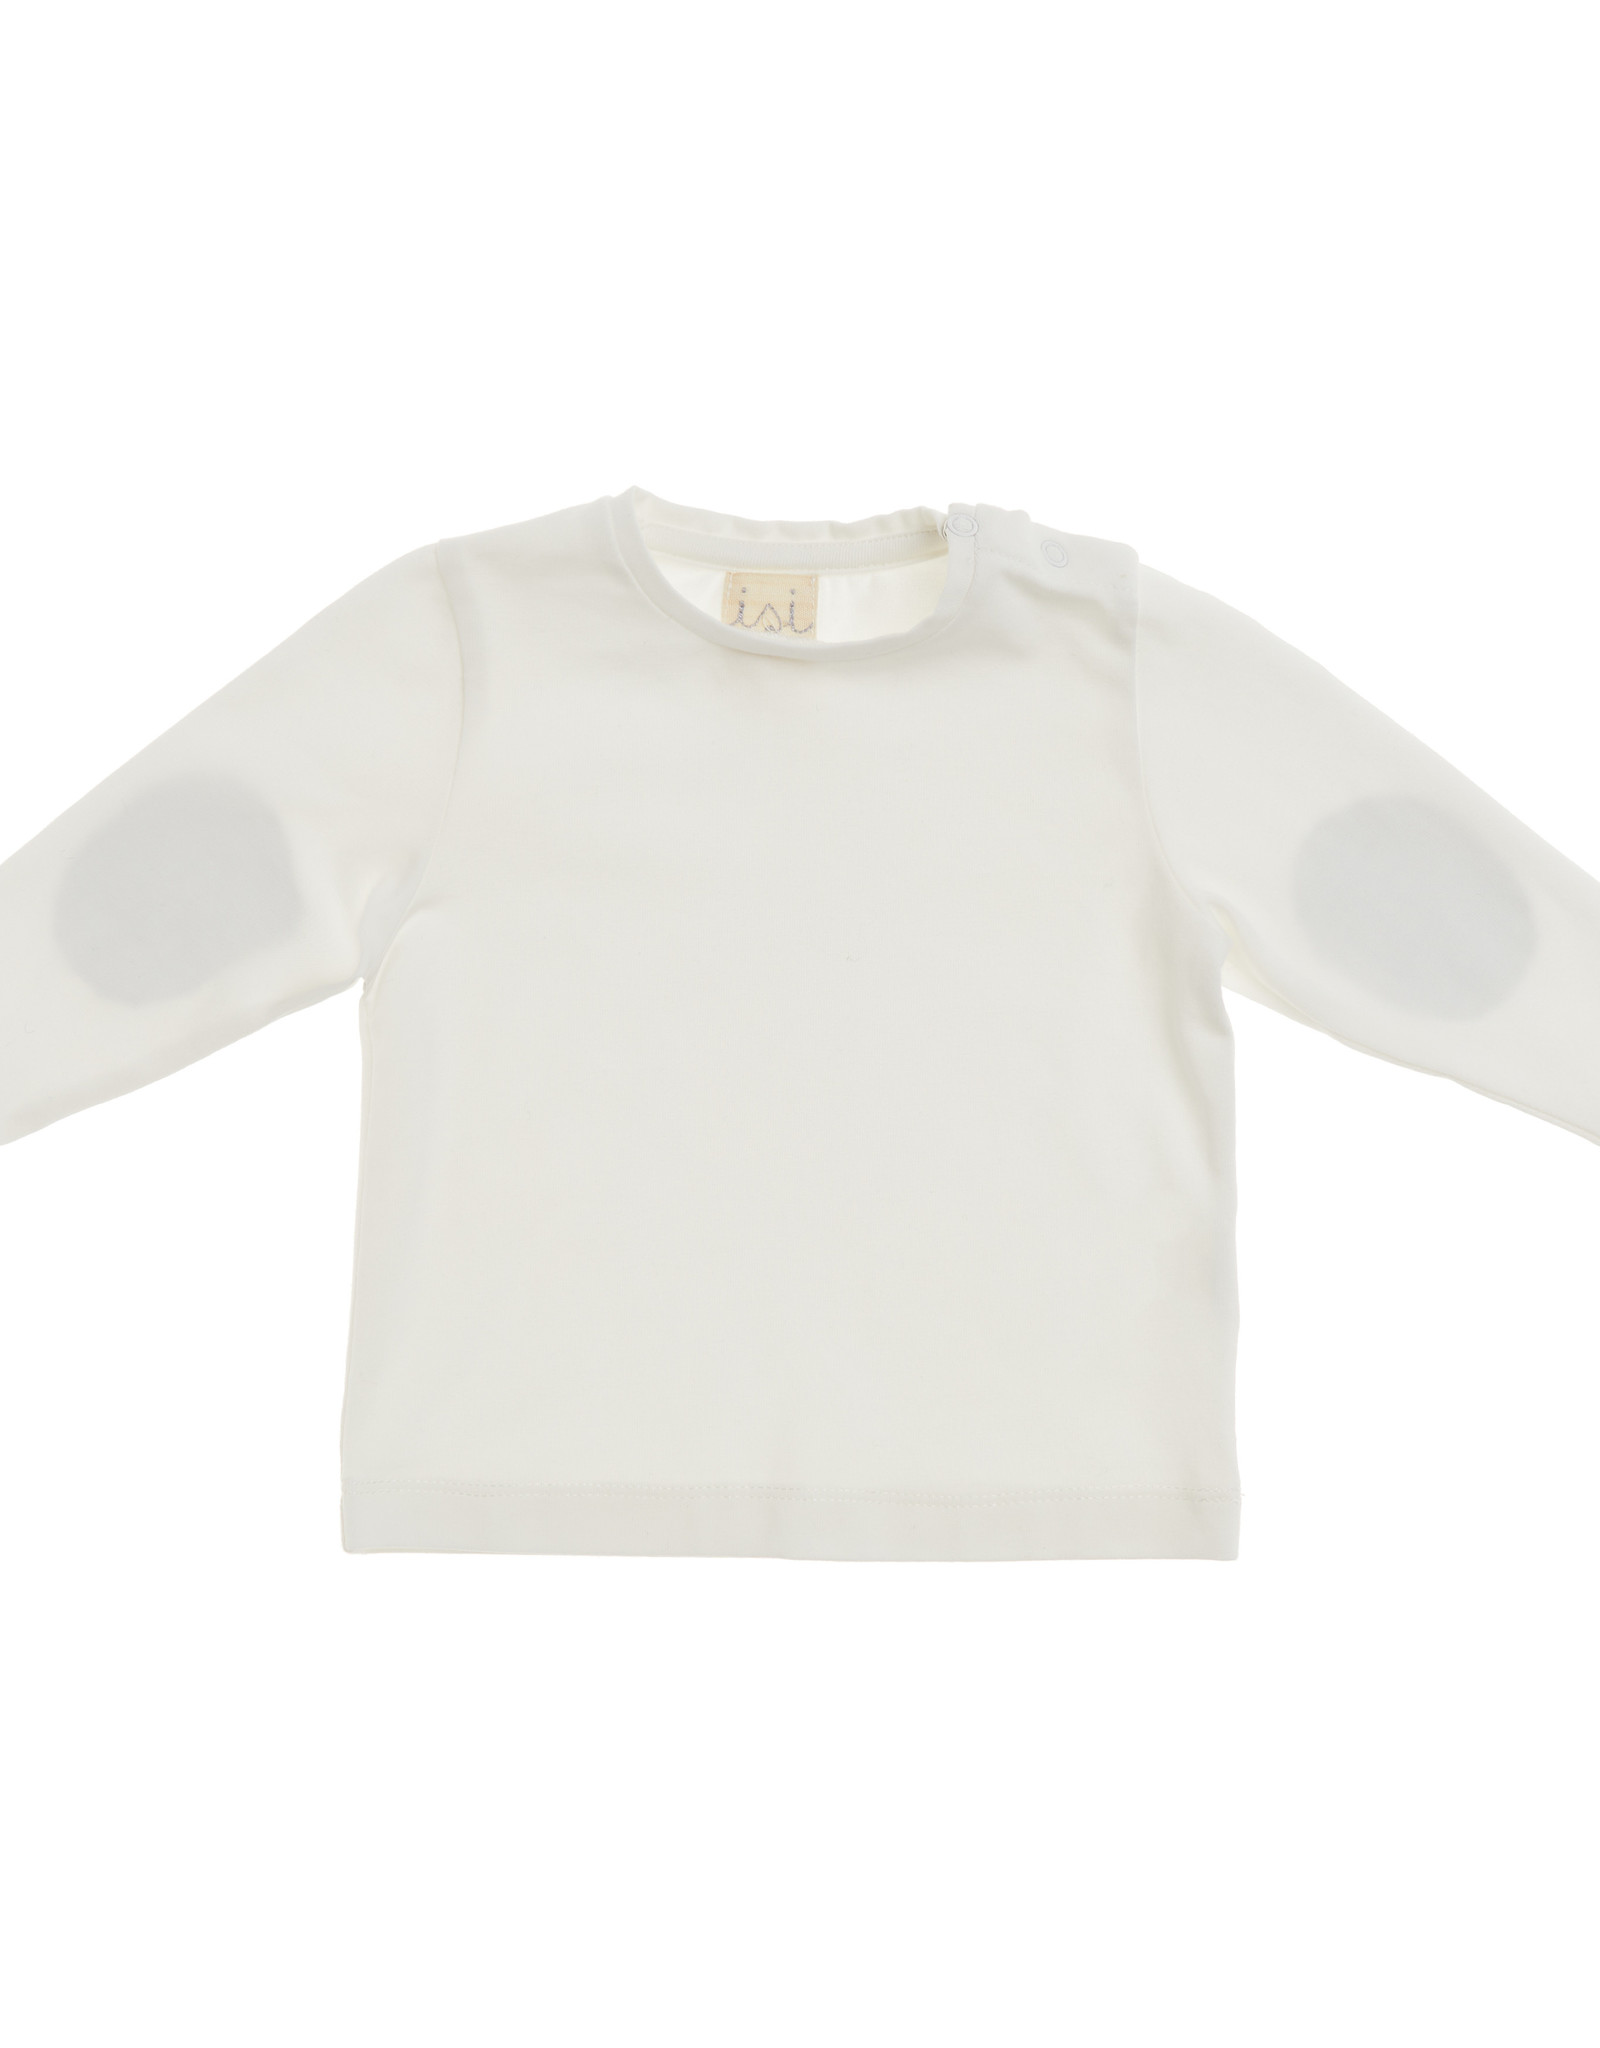 MALVI & CO MALVI & CO T-shirt